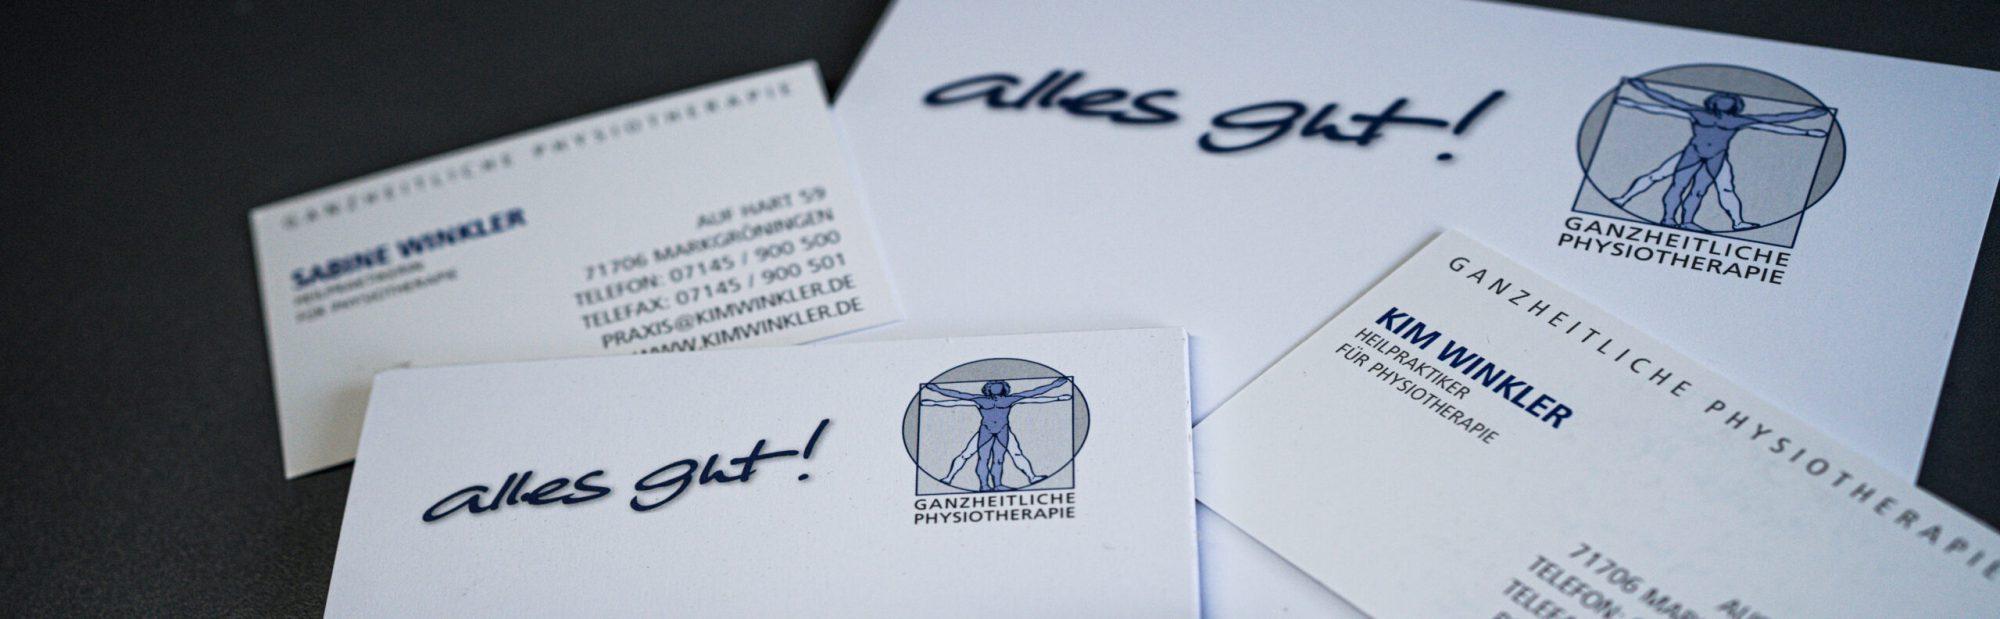 Visitenkarten-Organisation-der-Praxis